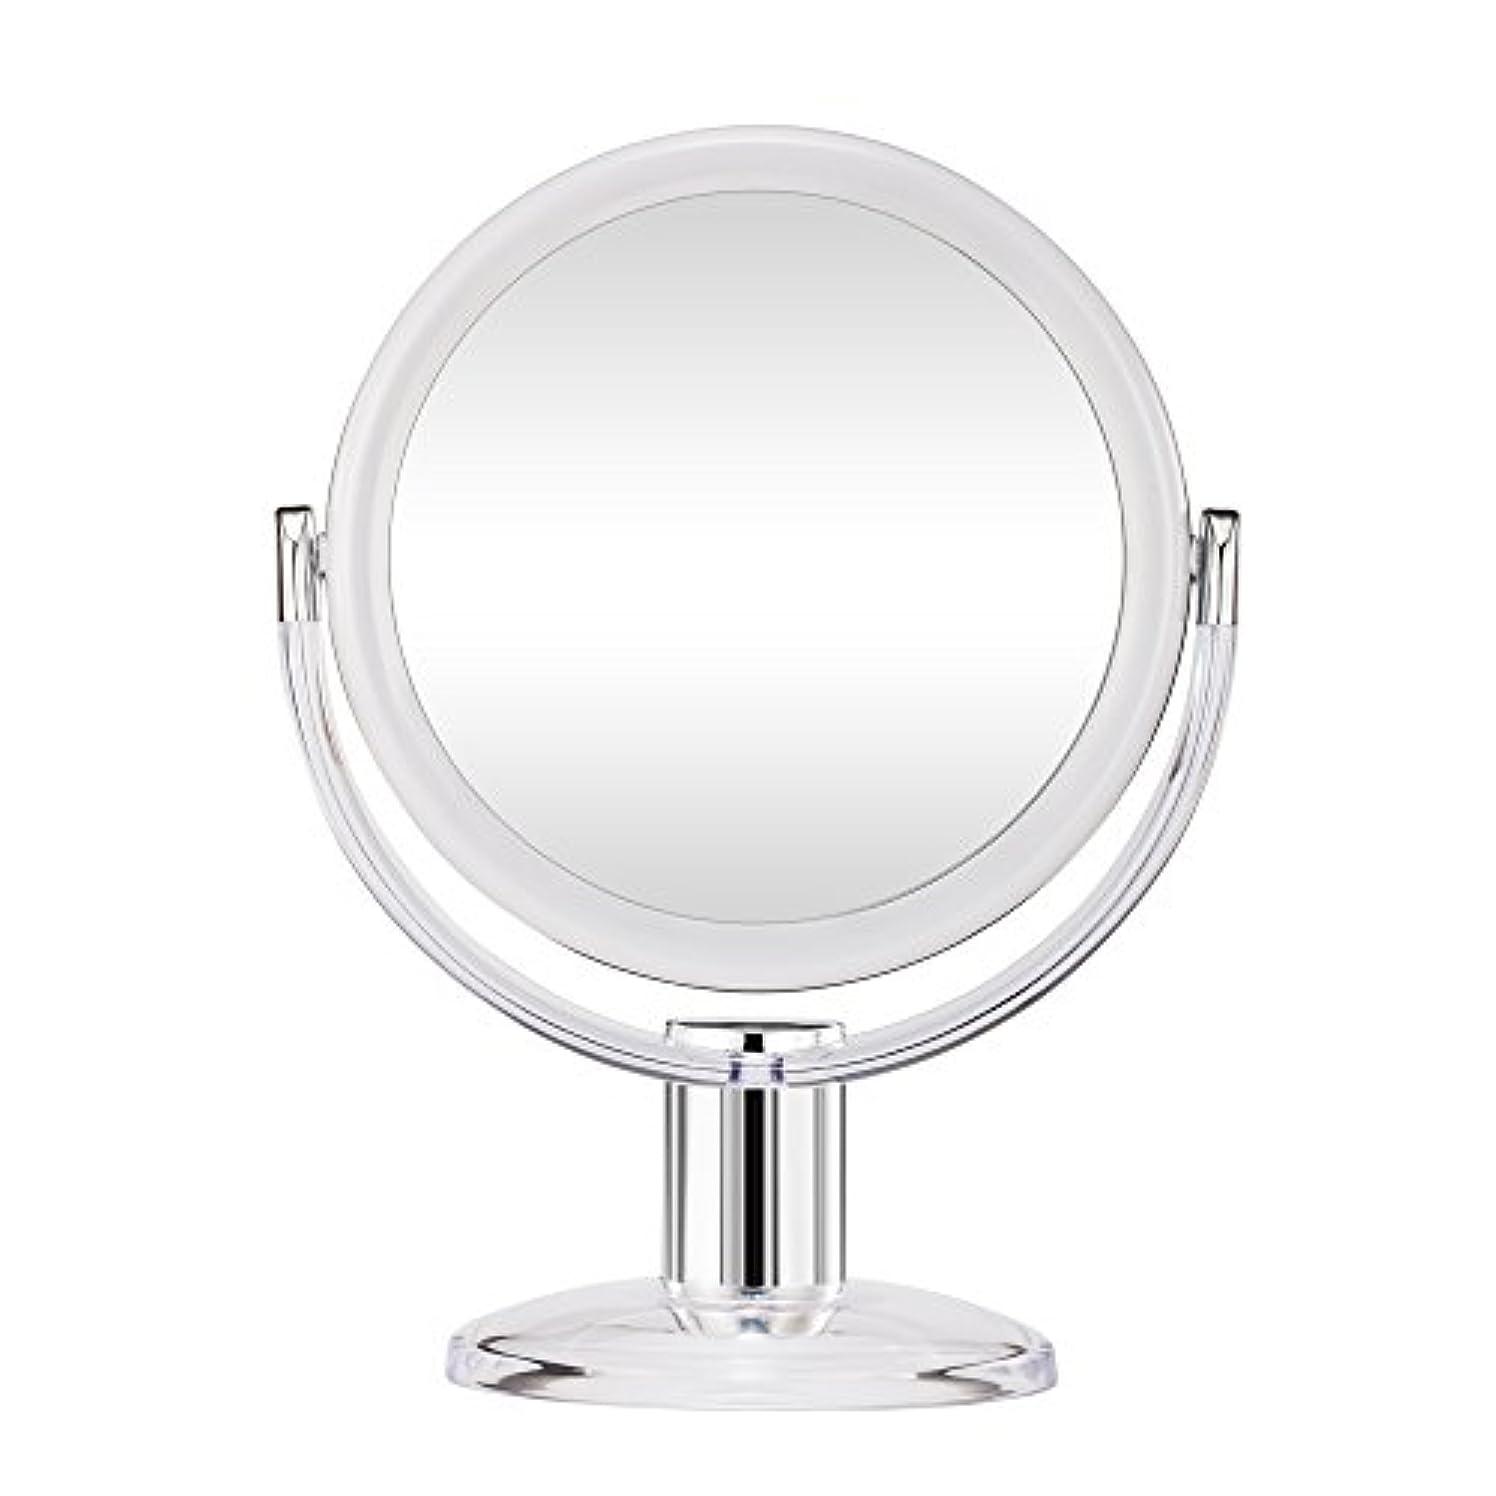 バッフル小学生内訳Gotofine スタンドミラー 卓上鏡 両面鏡 10倍と等倍 透明 アクリル樹脂 おしゃれ 円型